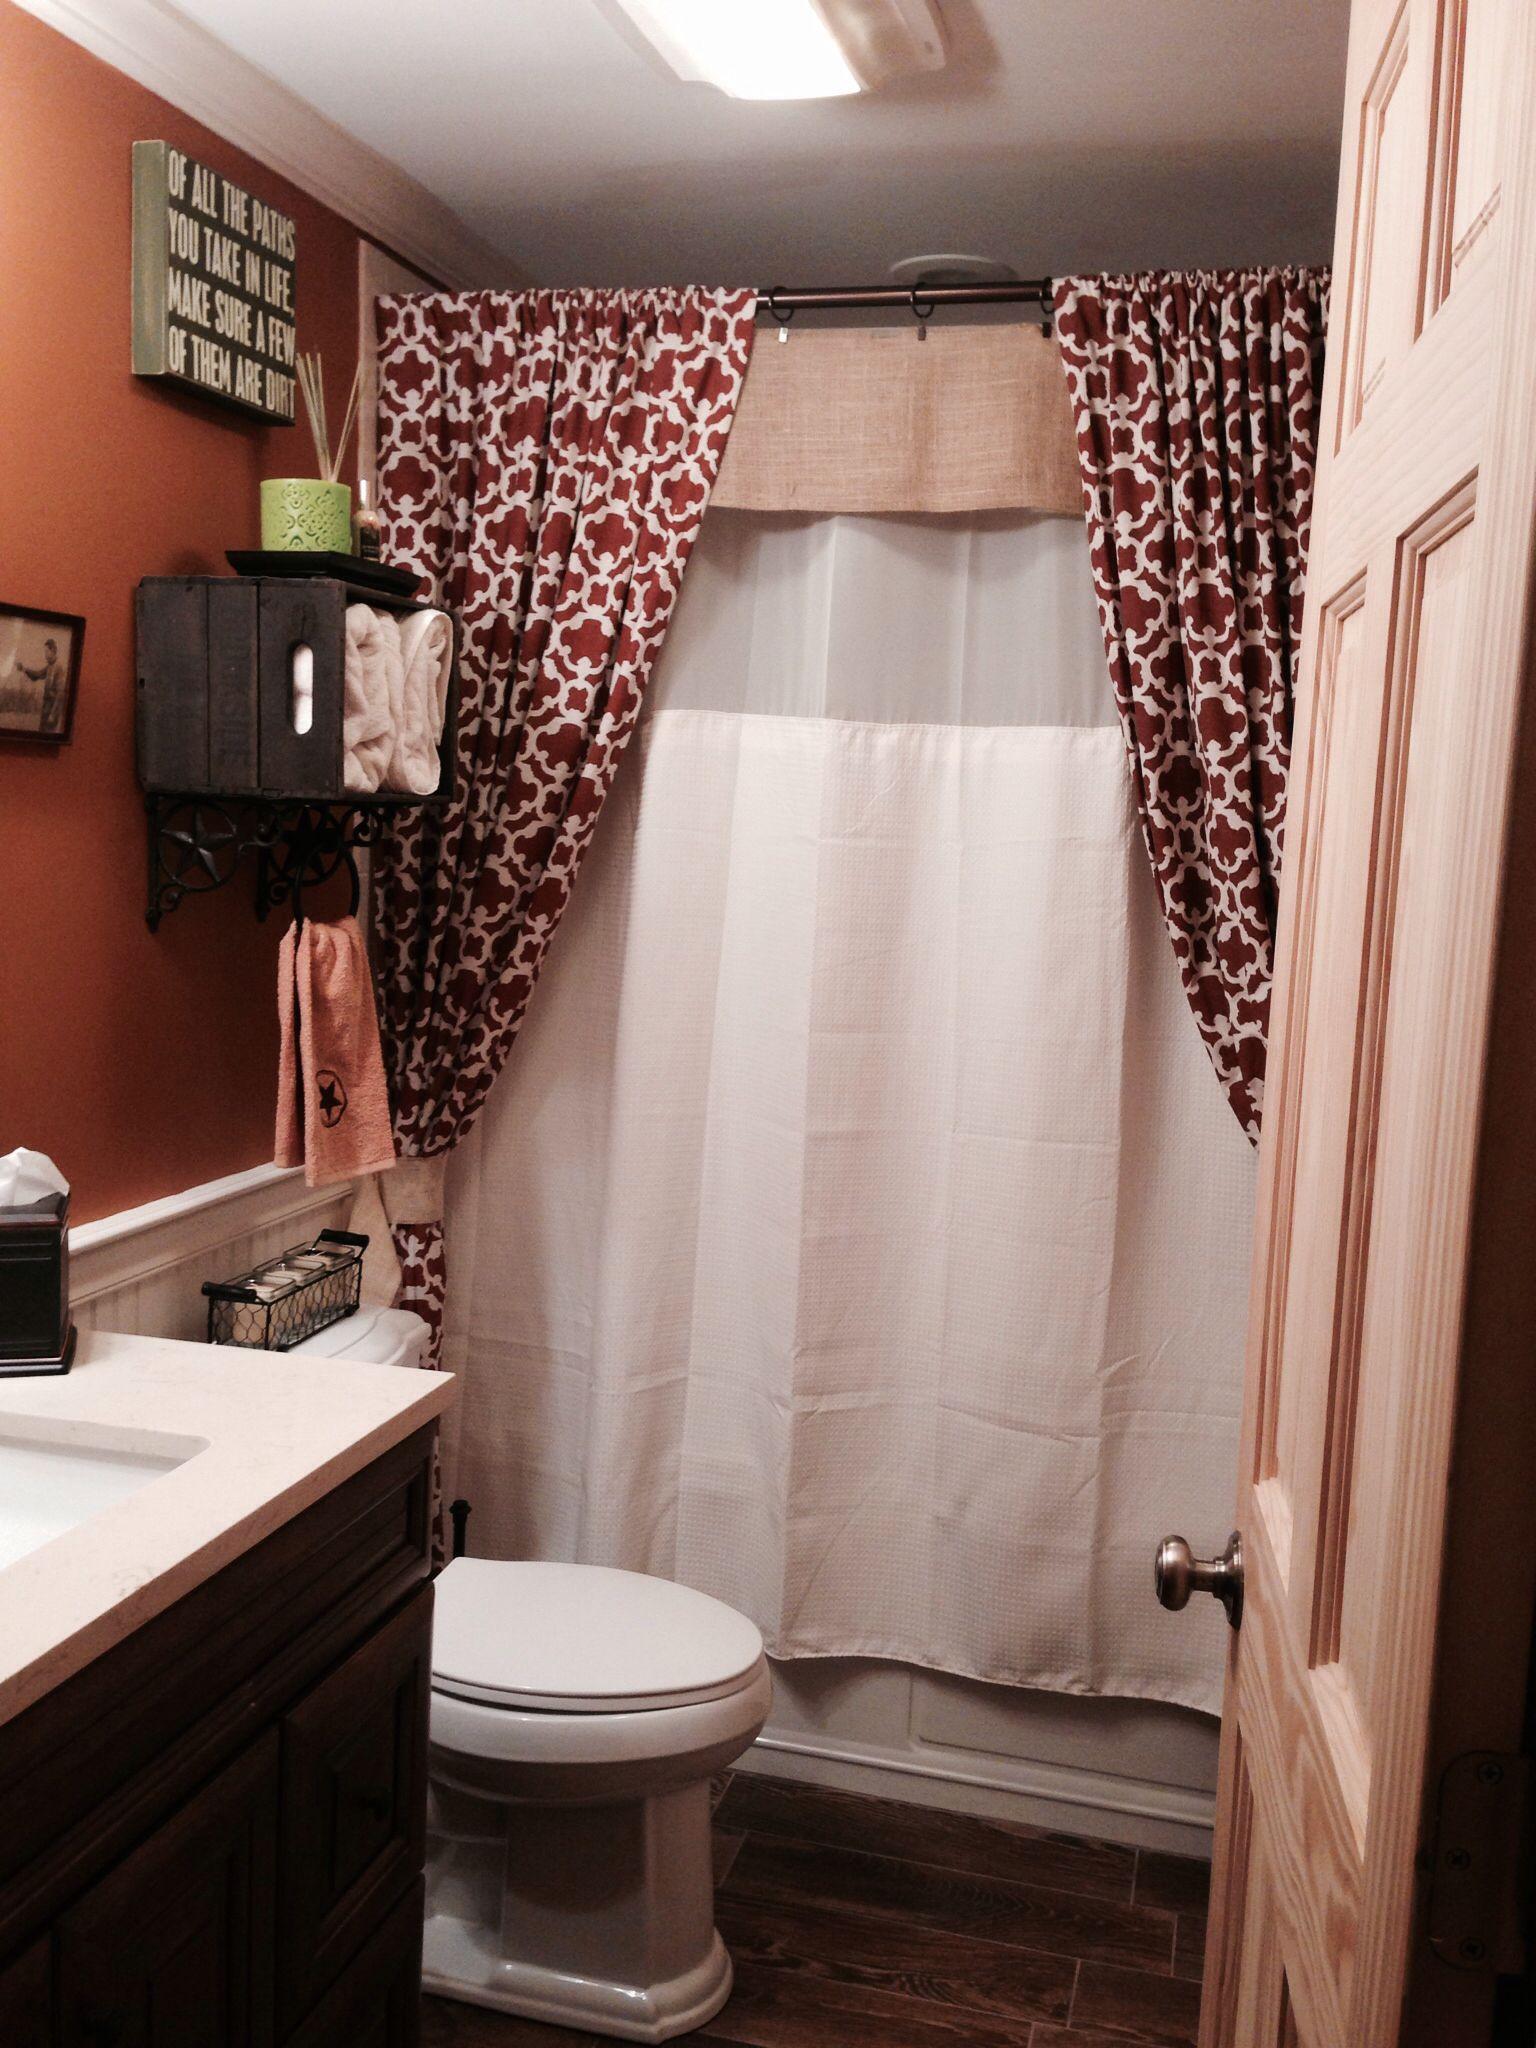 Texas themed bathroom | Printed shower curtain, Basic ...